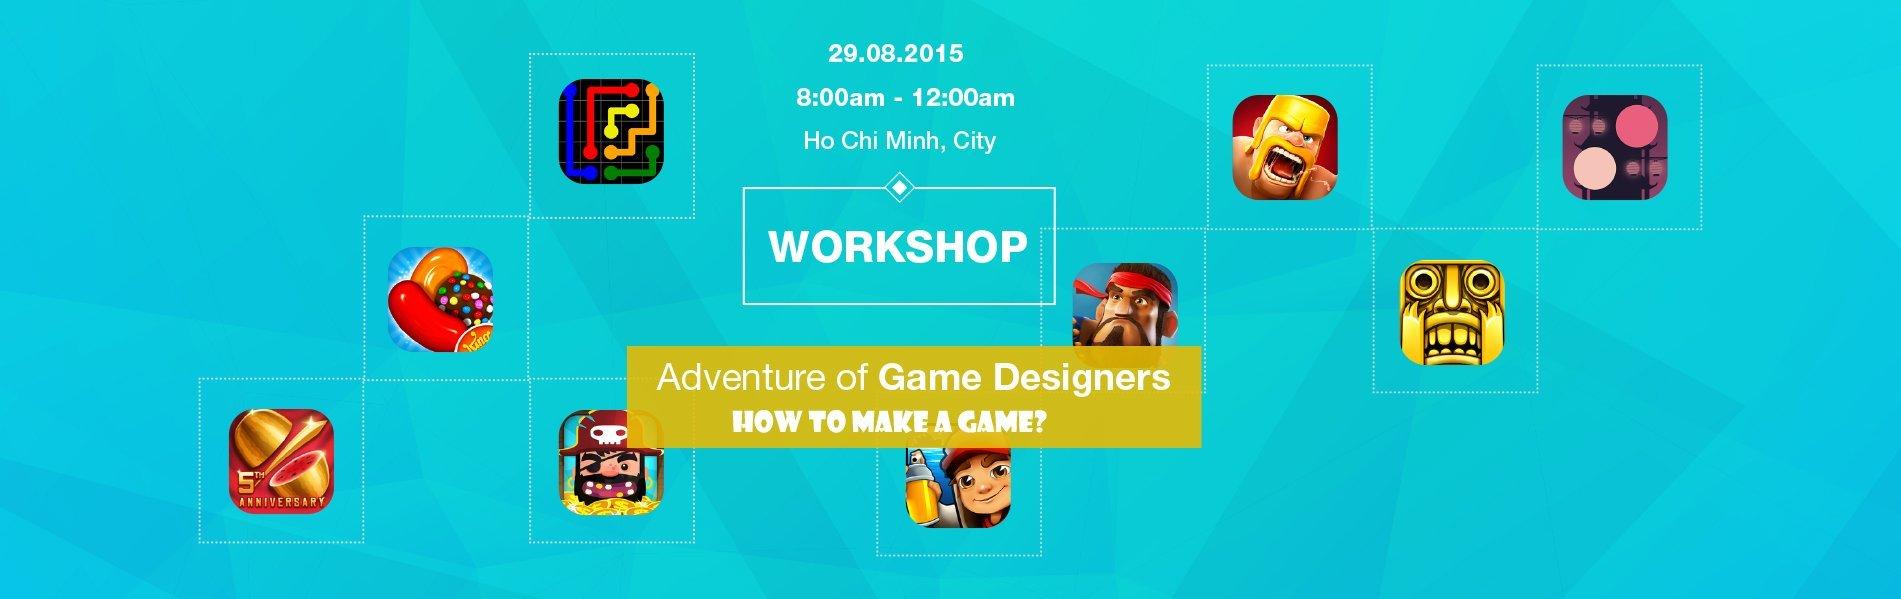 Cơ hội nghề nghiệp cho Game Designer